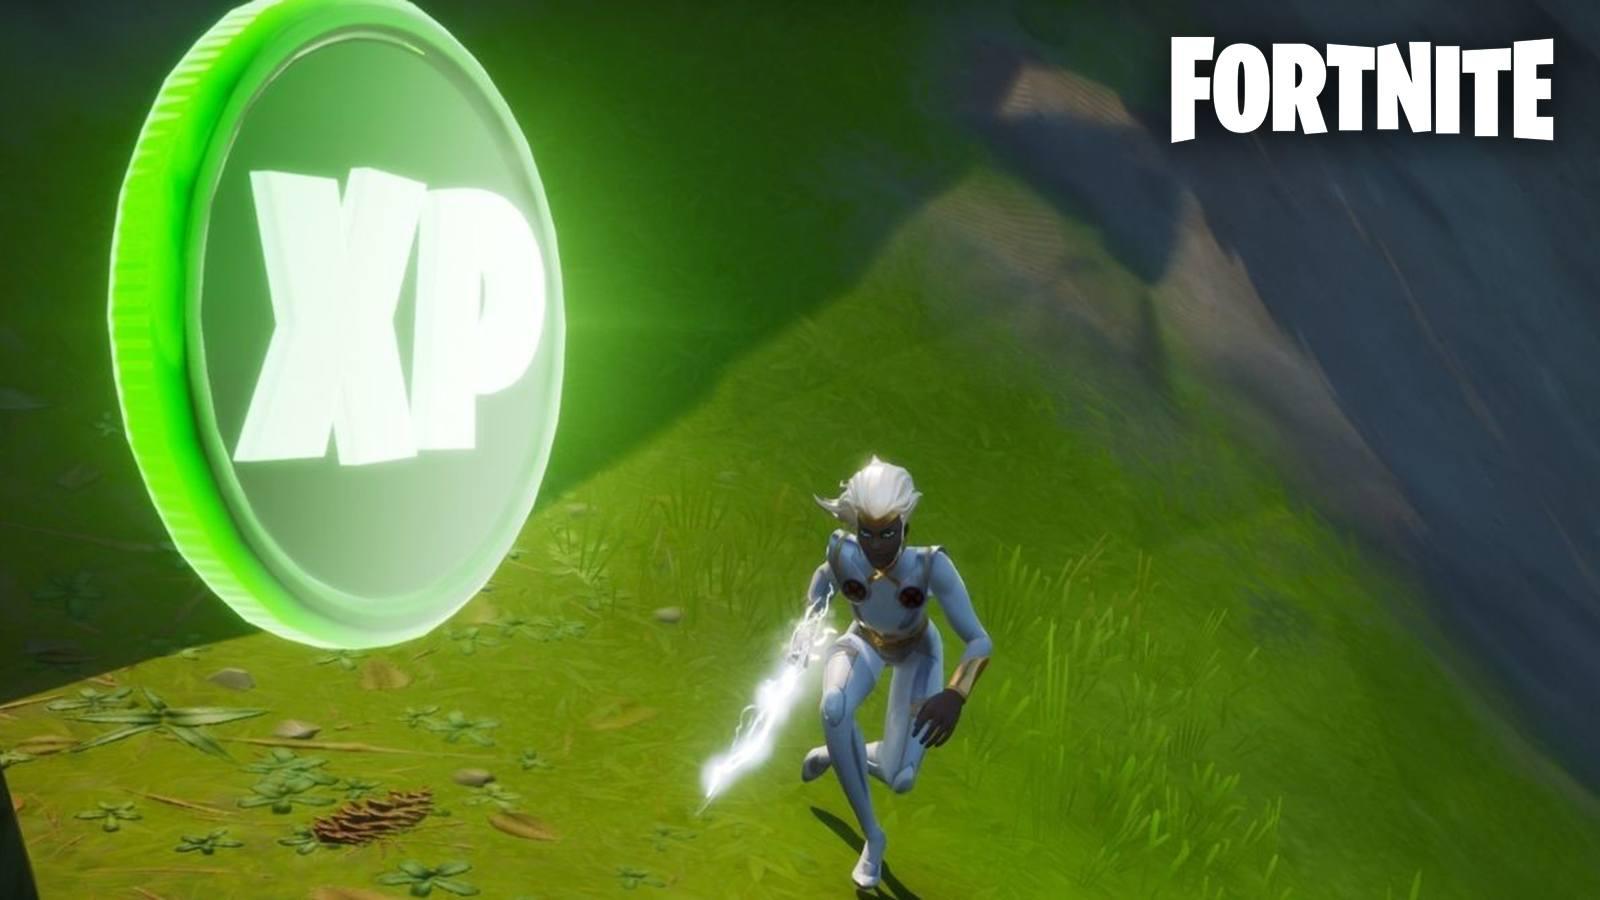 Emplacements pièces d'XP Fortnite semaine 10 saison 4